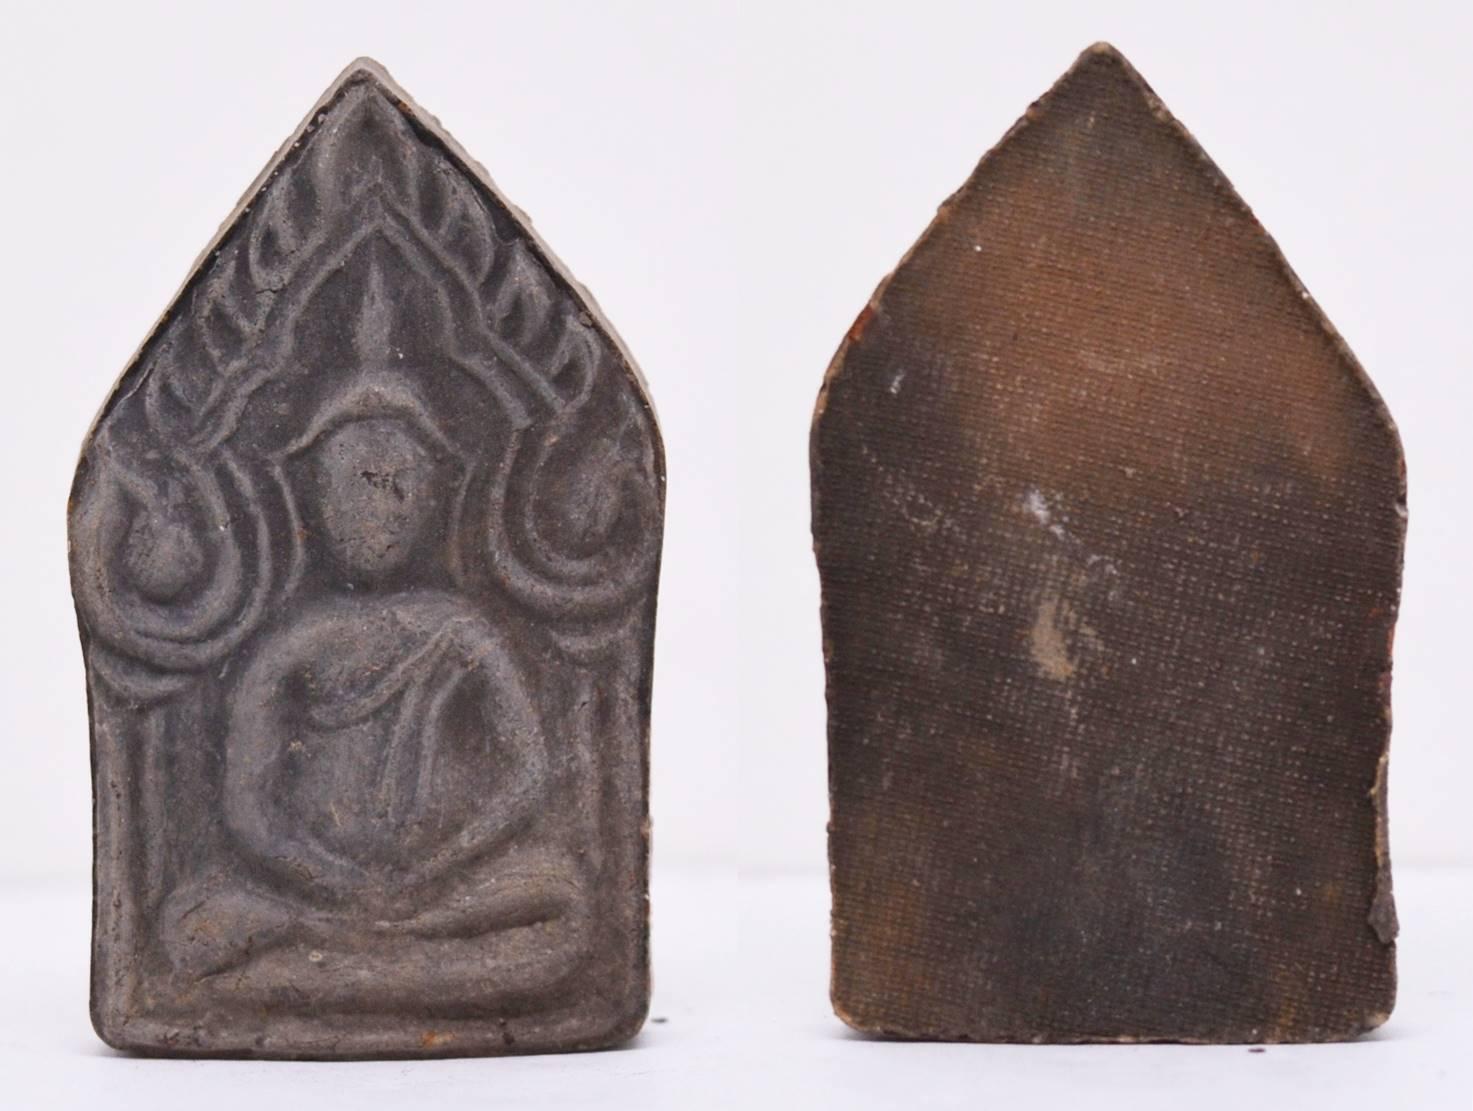 พระขุนแผน หลวงพ่อชำนาญ วัดบางกุฎีทอง ปทุมธานี 2554